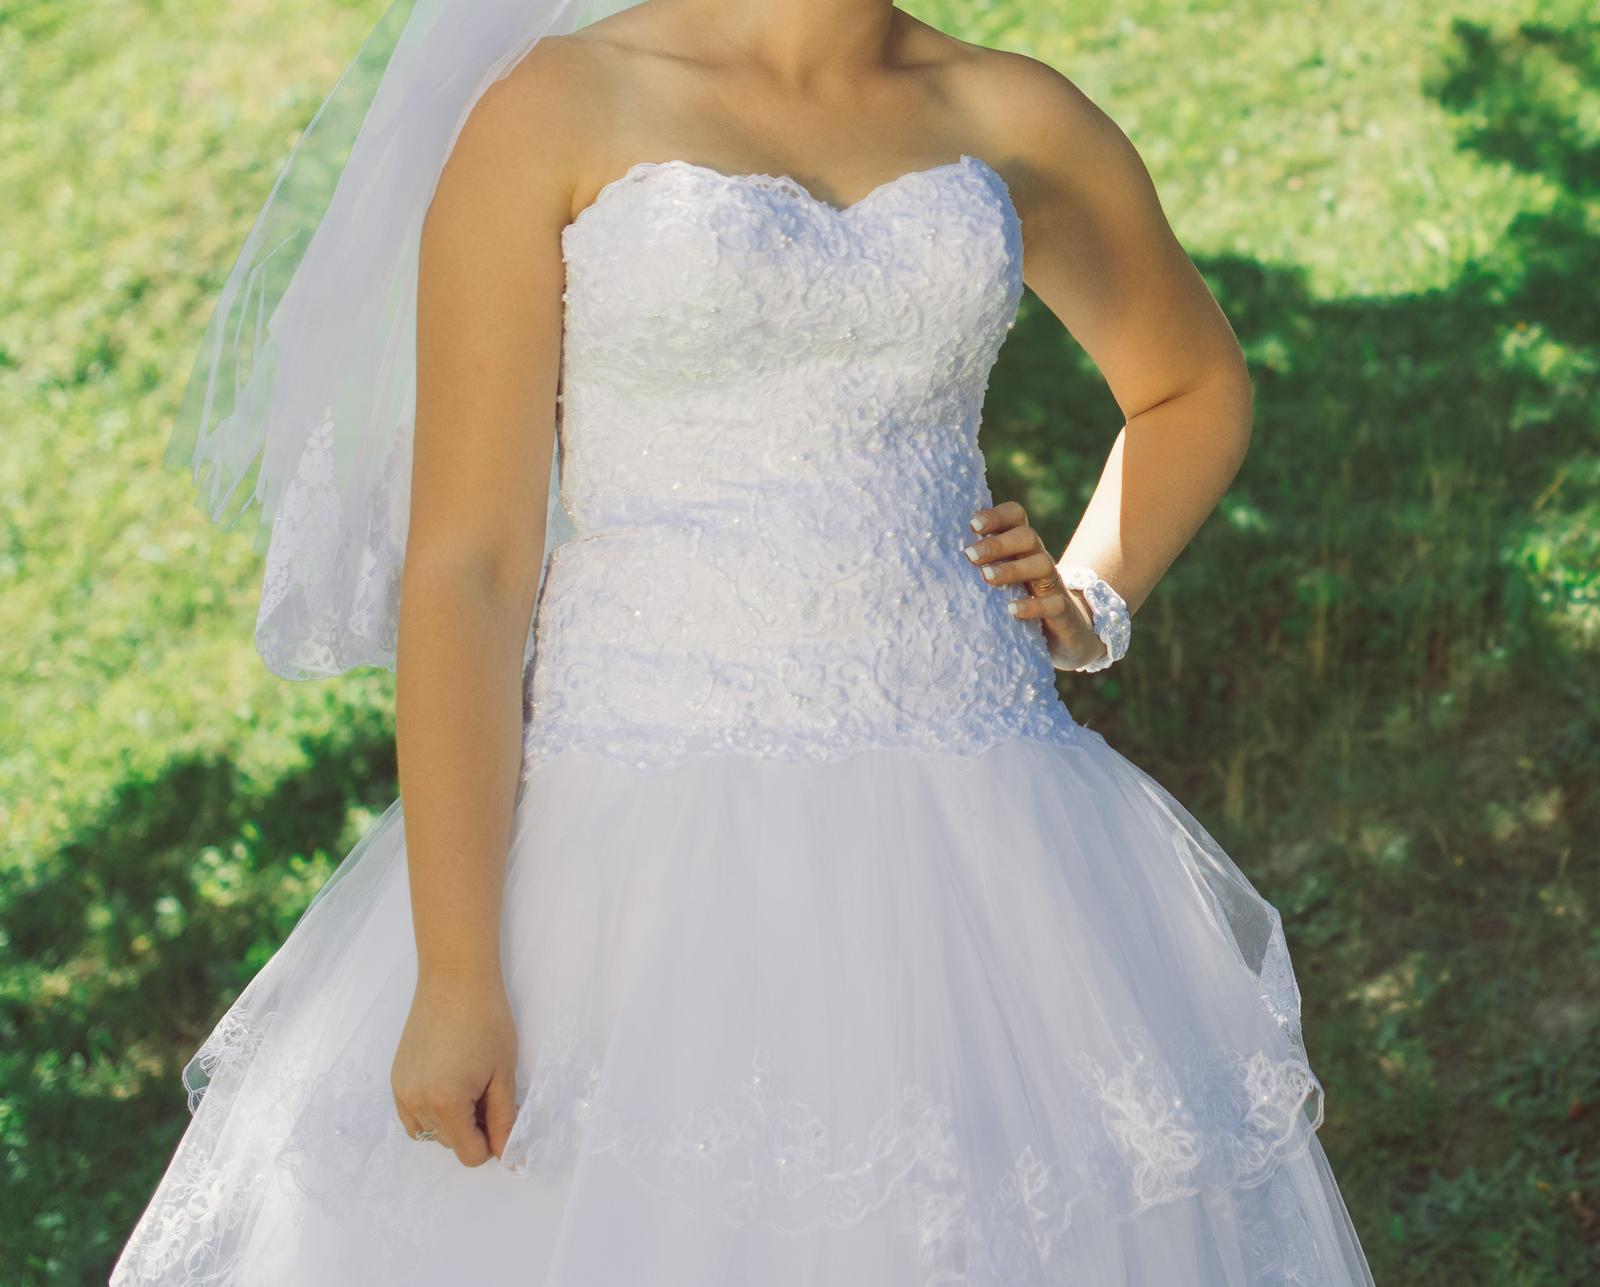 Princeznovské svadobné šaty - Obrázok č. 2